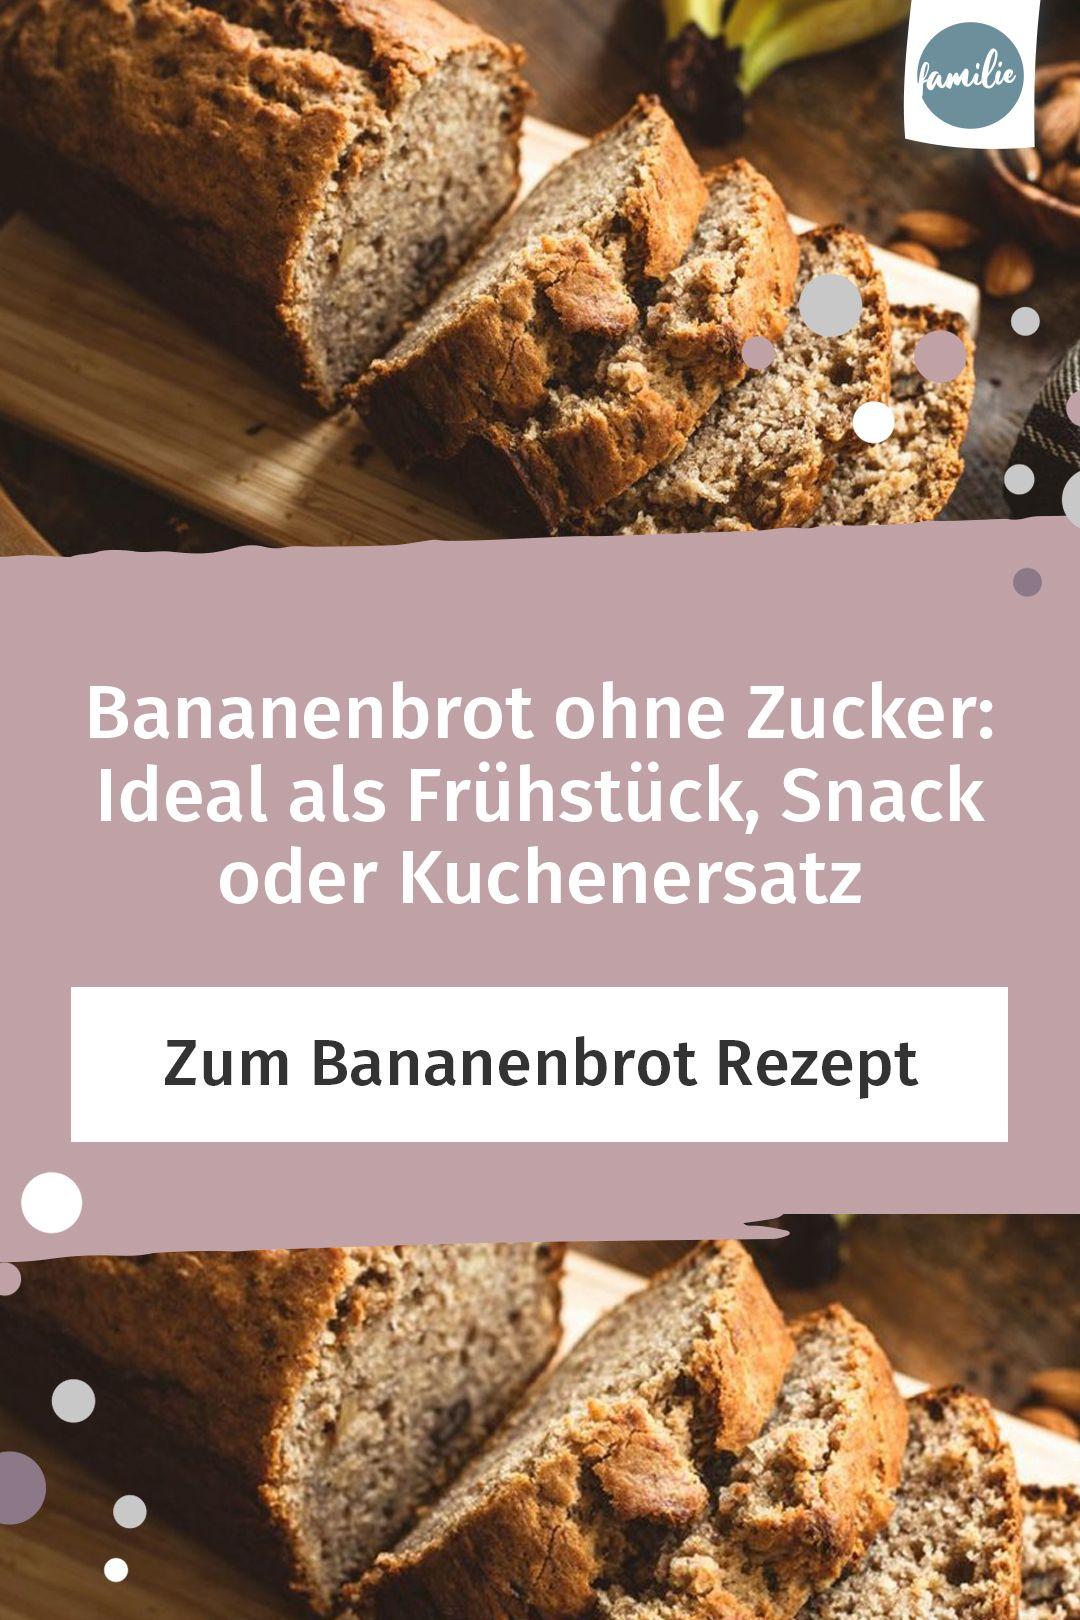 Bananenbrot ohne Zucker: Ideal als Frühstück, Snack oder Kuchenersatz